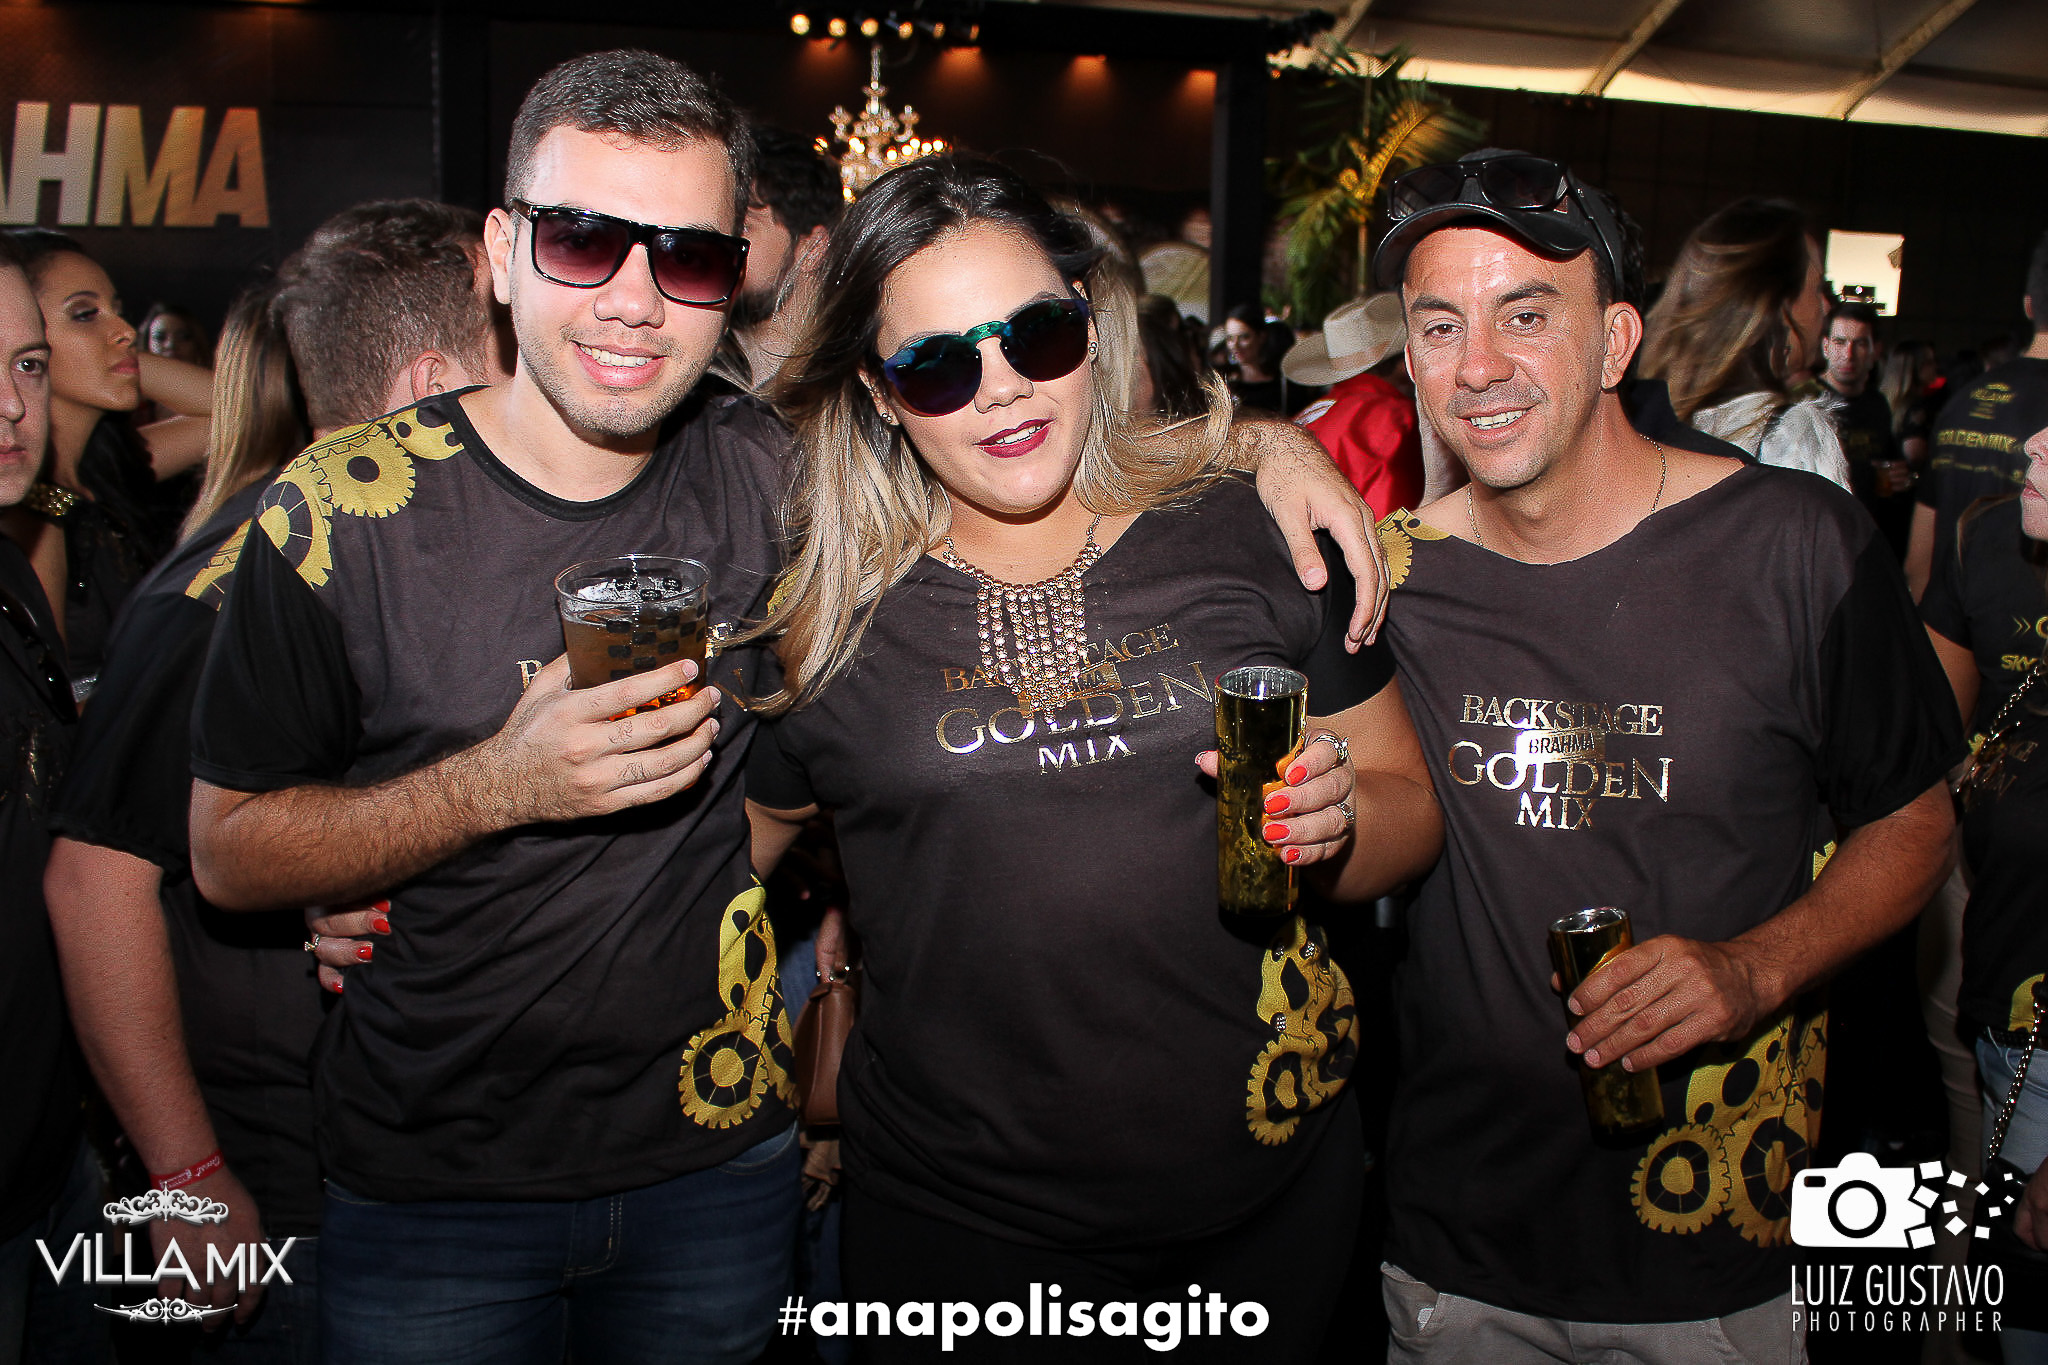 Luiz Gustavo Photographer (78 de 327)